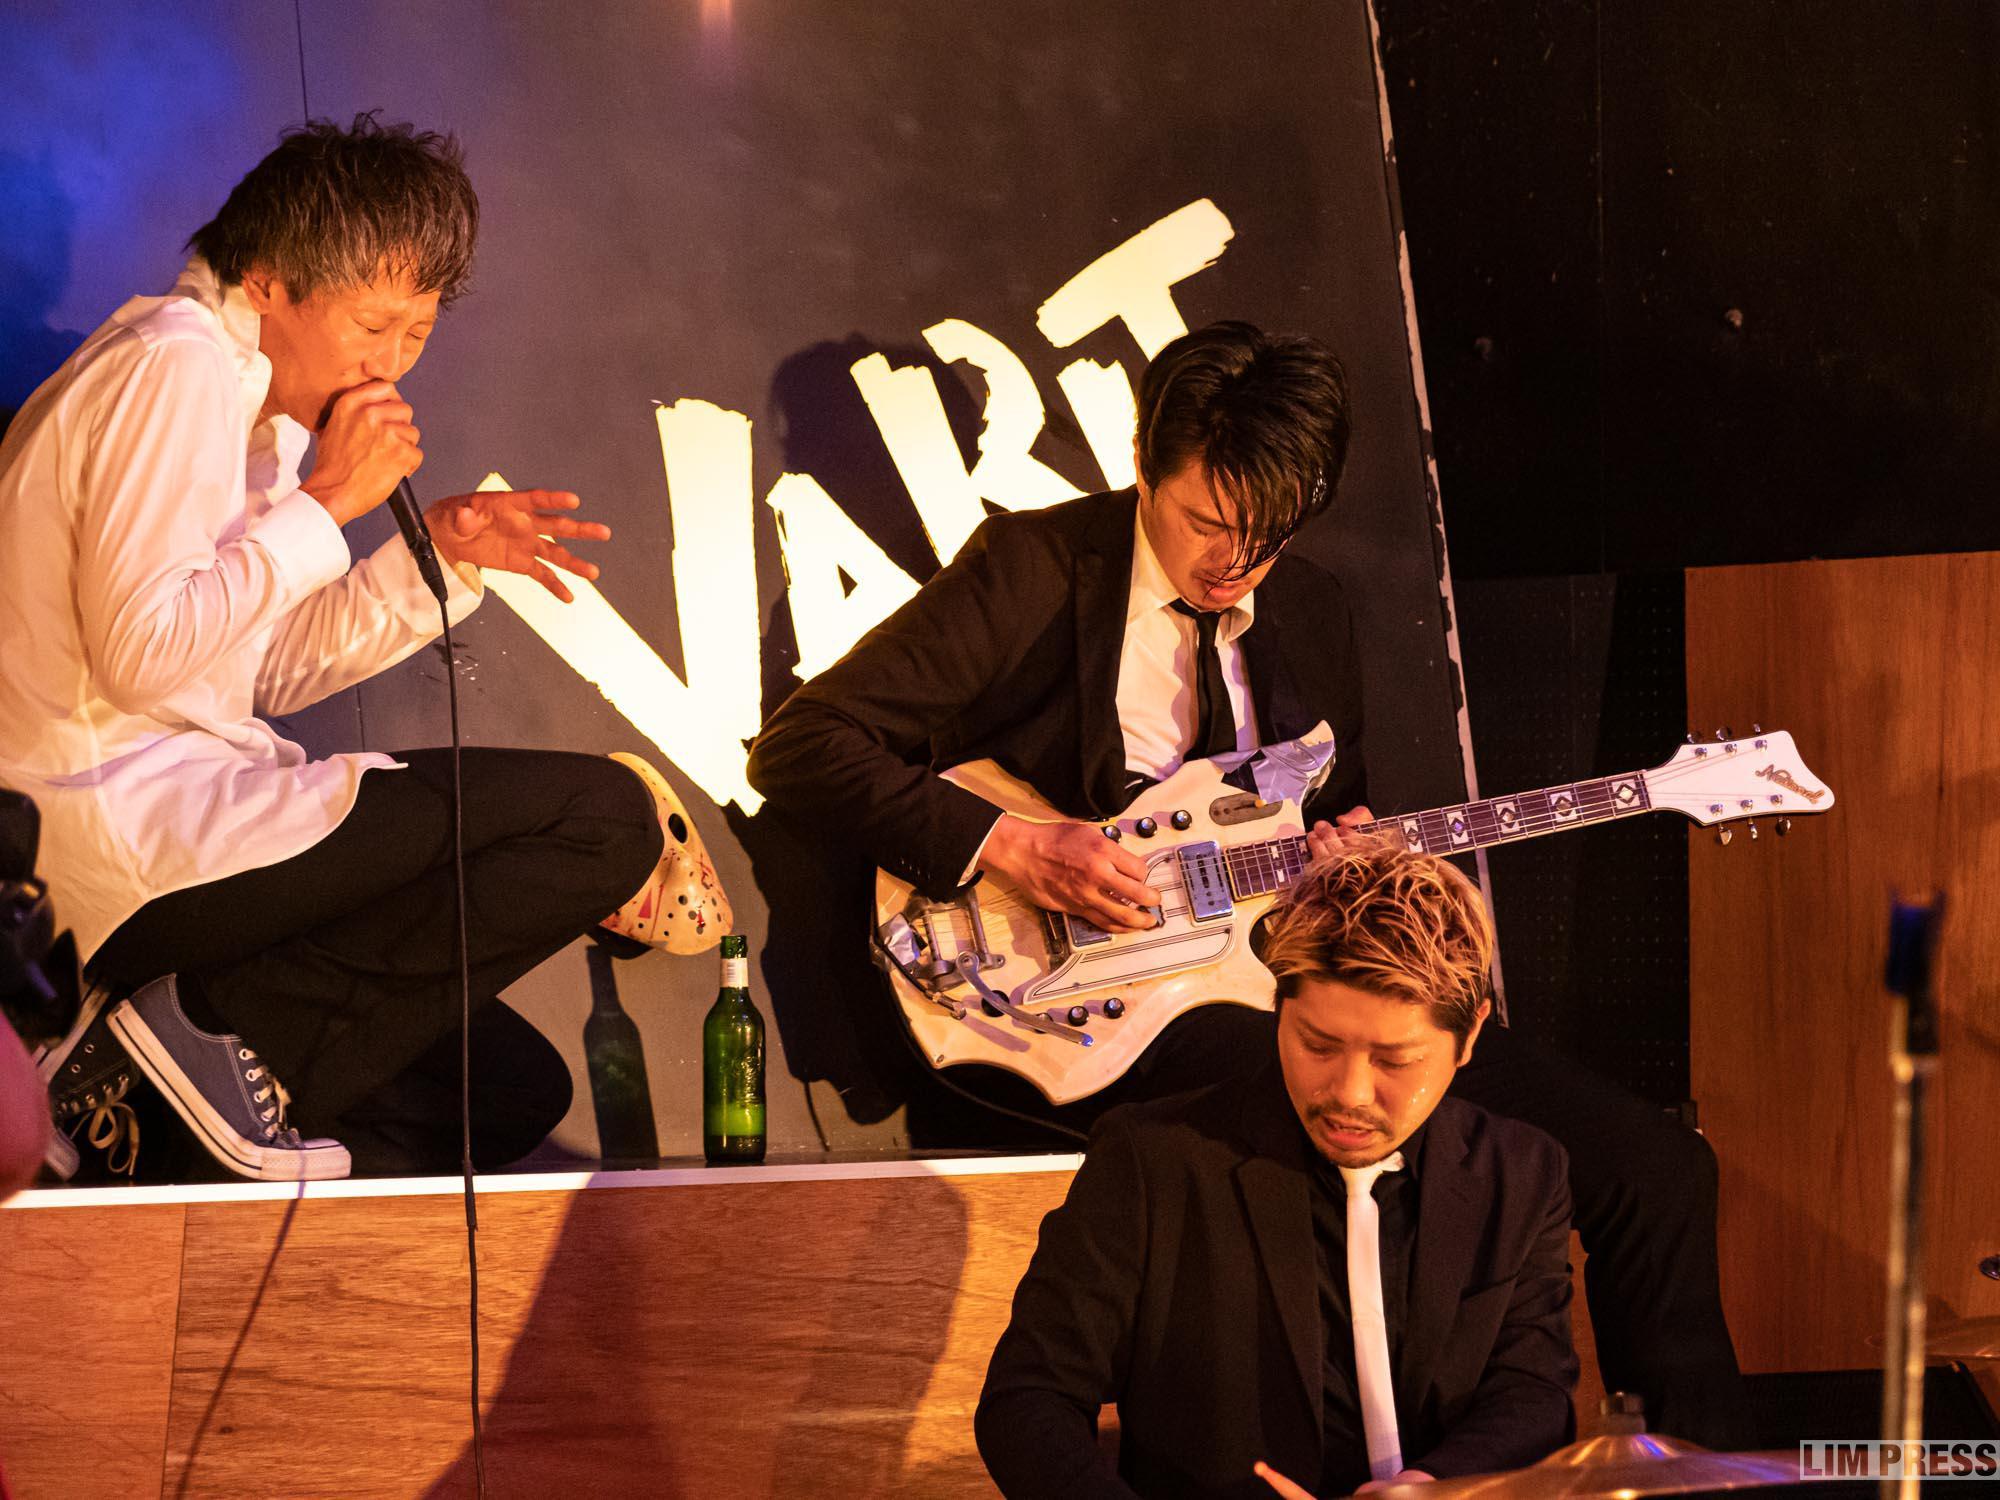 KING BROTHERS | ライブハウス ジャッジメント in 神戸 at 兵庫 神戸VARIT.  | 2020.06.21